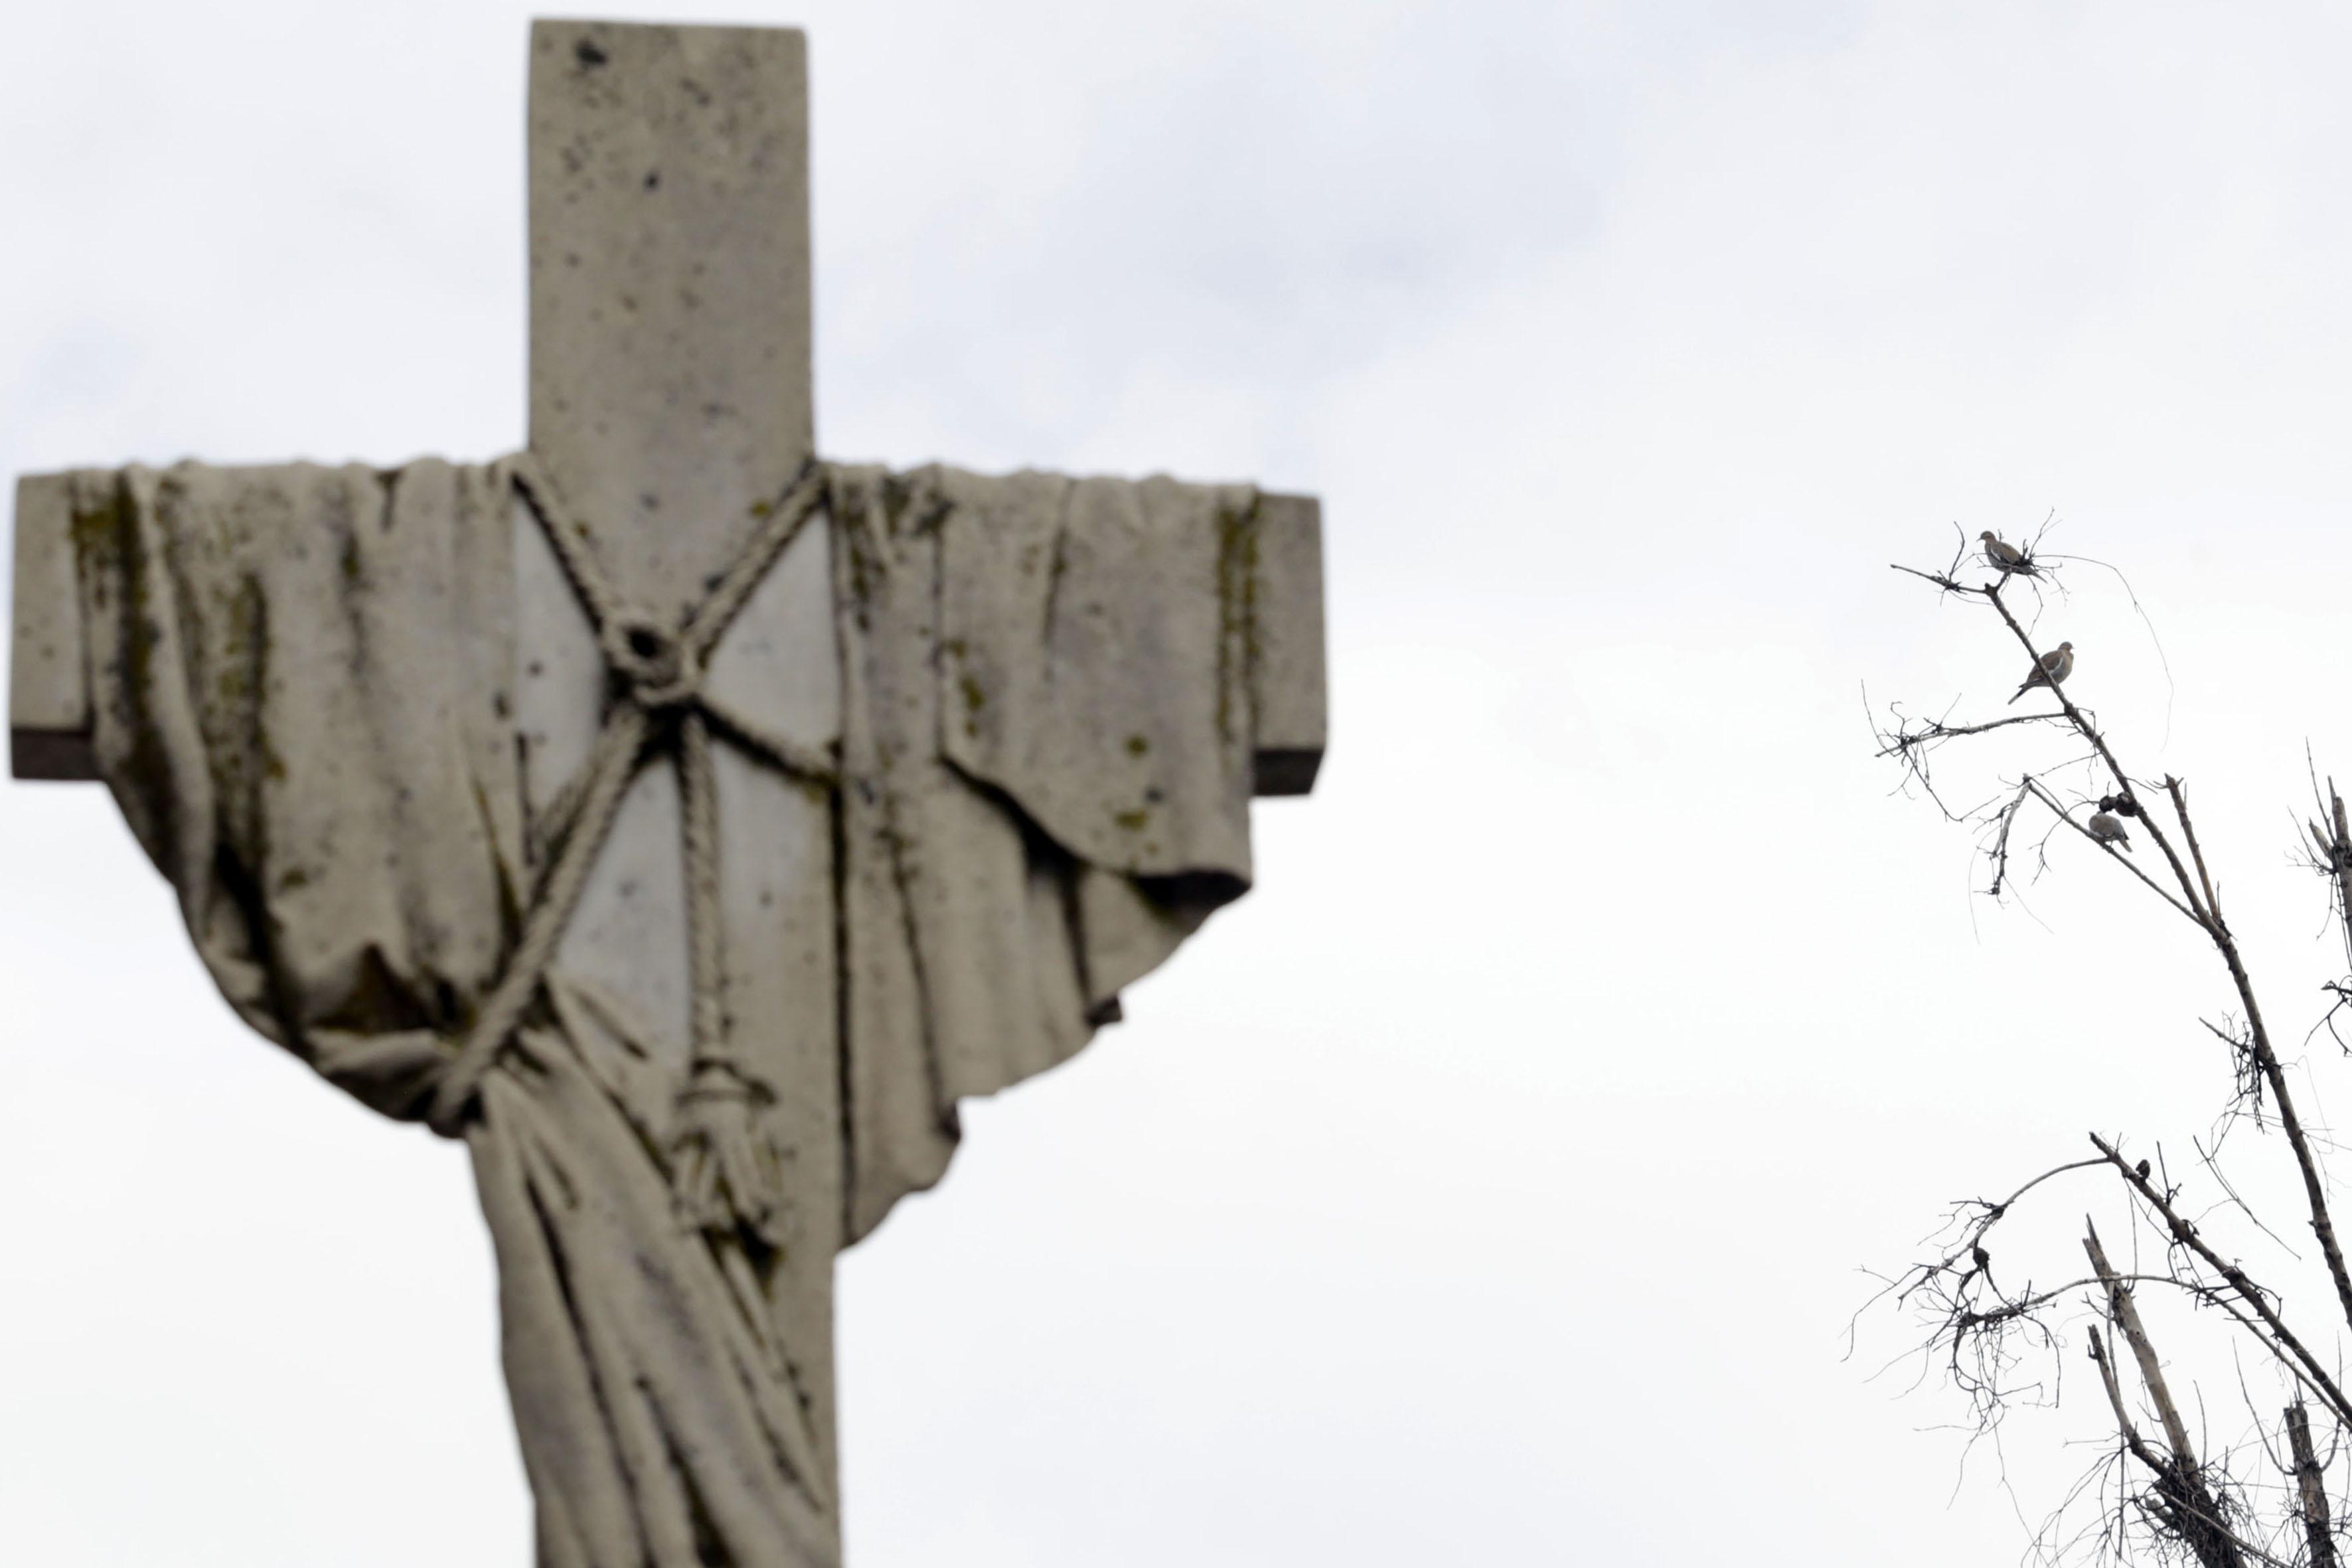 Cruz de cemento, edificada en la tumba de un panteón.